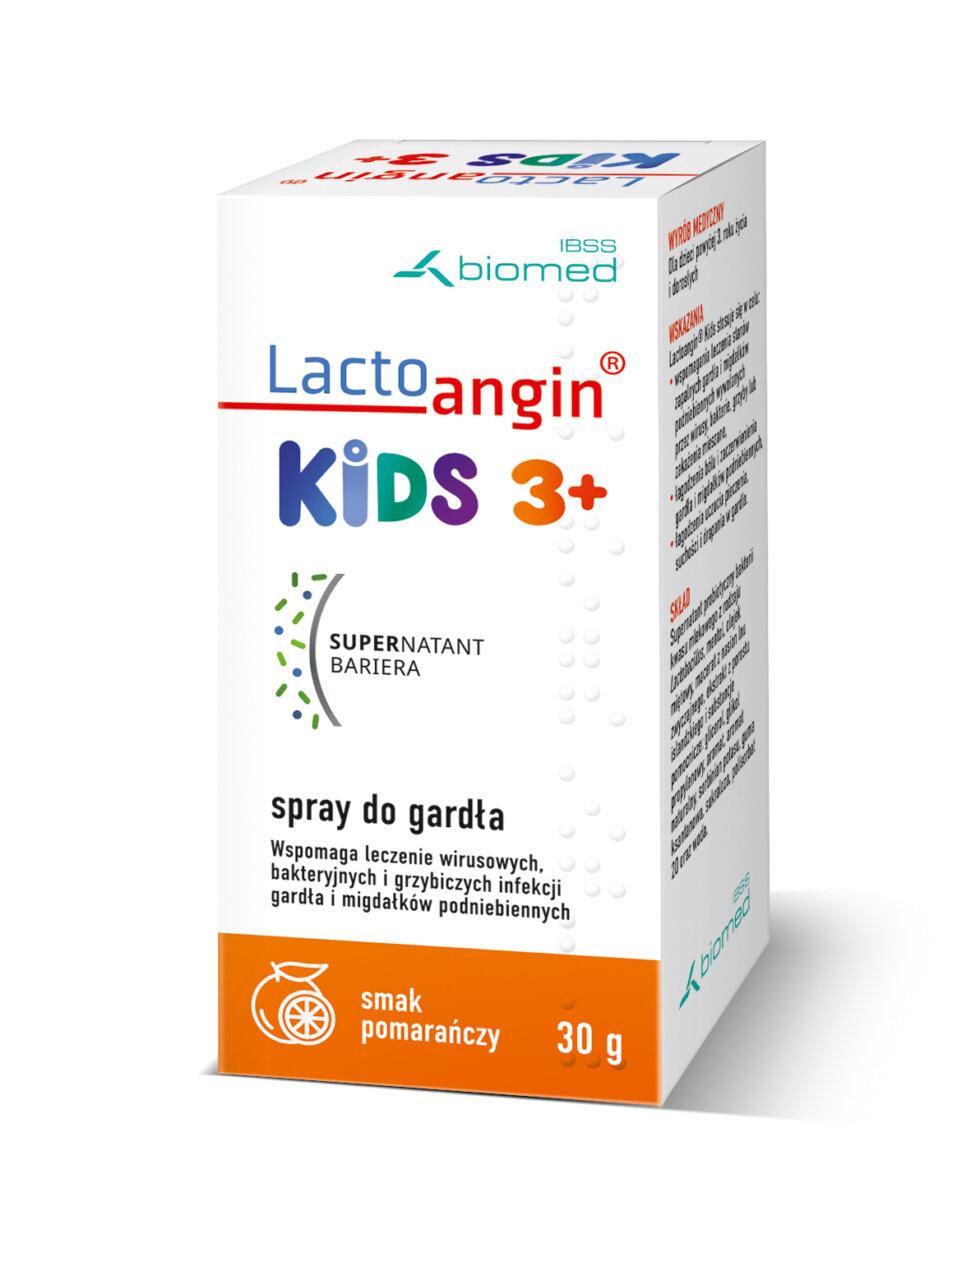 Lactoangin®KIDS spray do gardła smak pomarańczowy